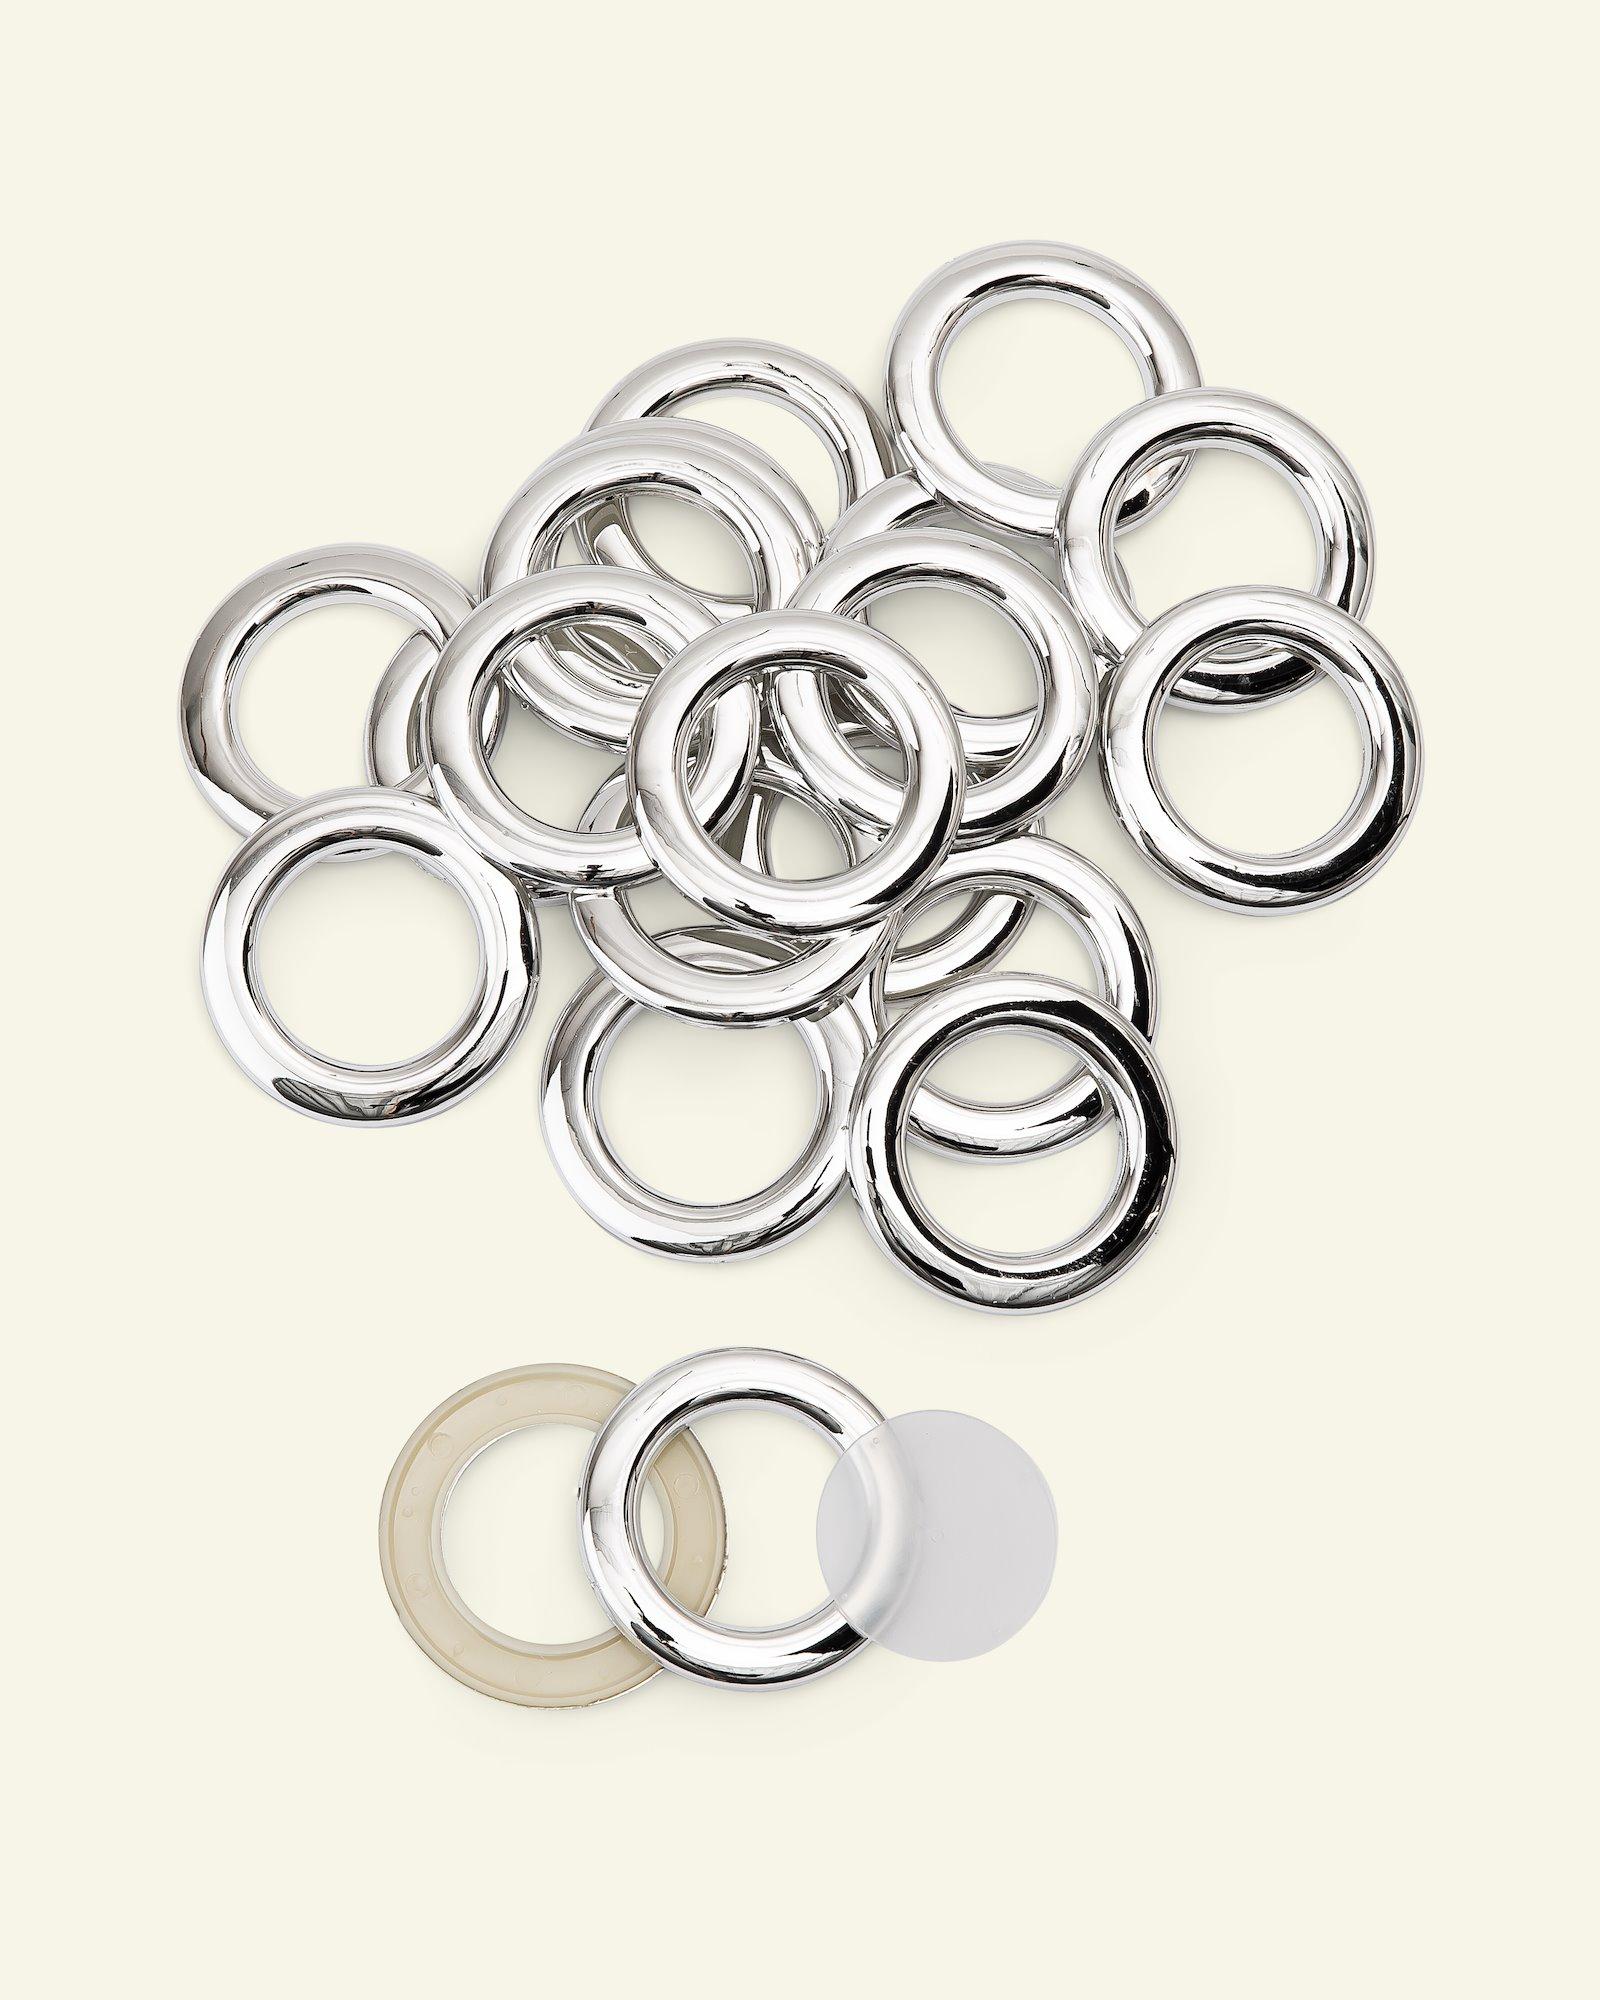 Ringe 55x35mm Silber 10Stk